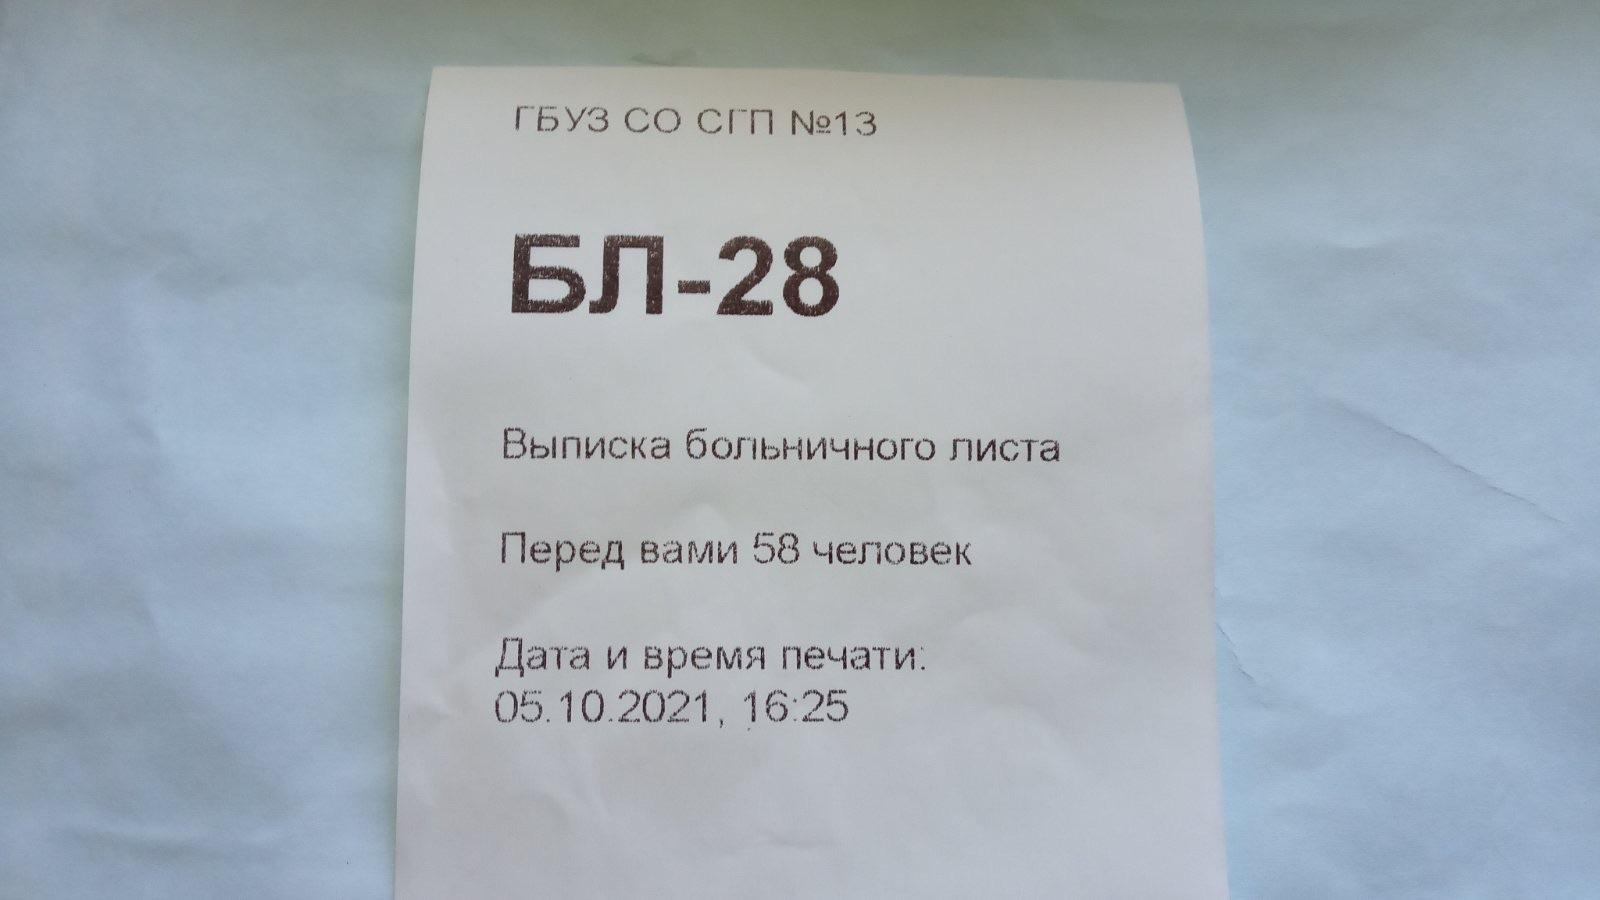 Минздрав Самарской области сообщил о нехватке врачей-терапевтов в поликлиниках